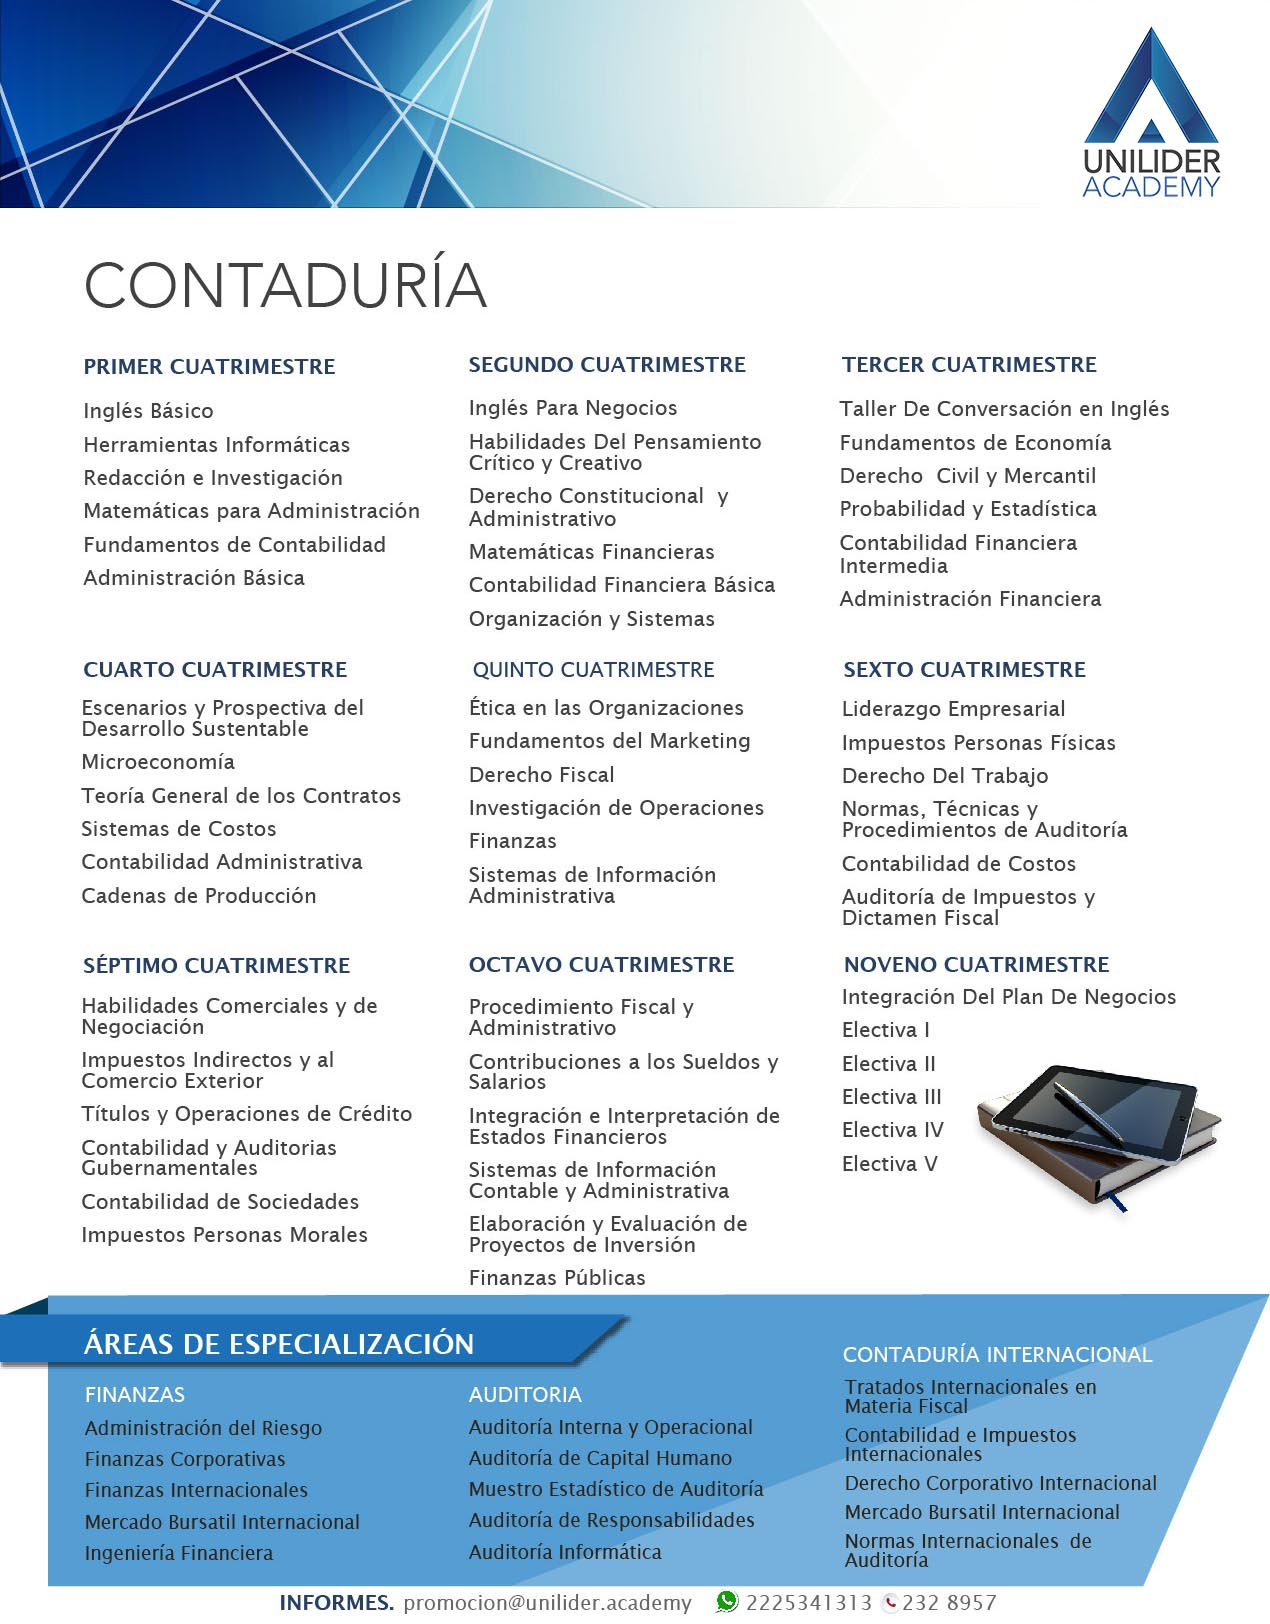 Encantador Reanudar La Redacción De Habilidades Informáticas ...